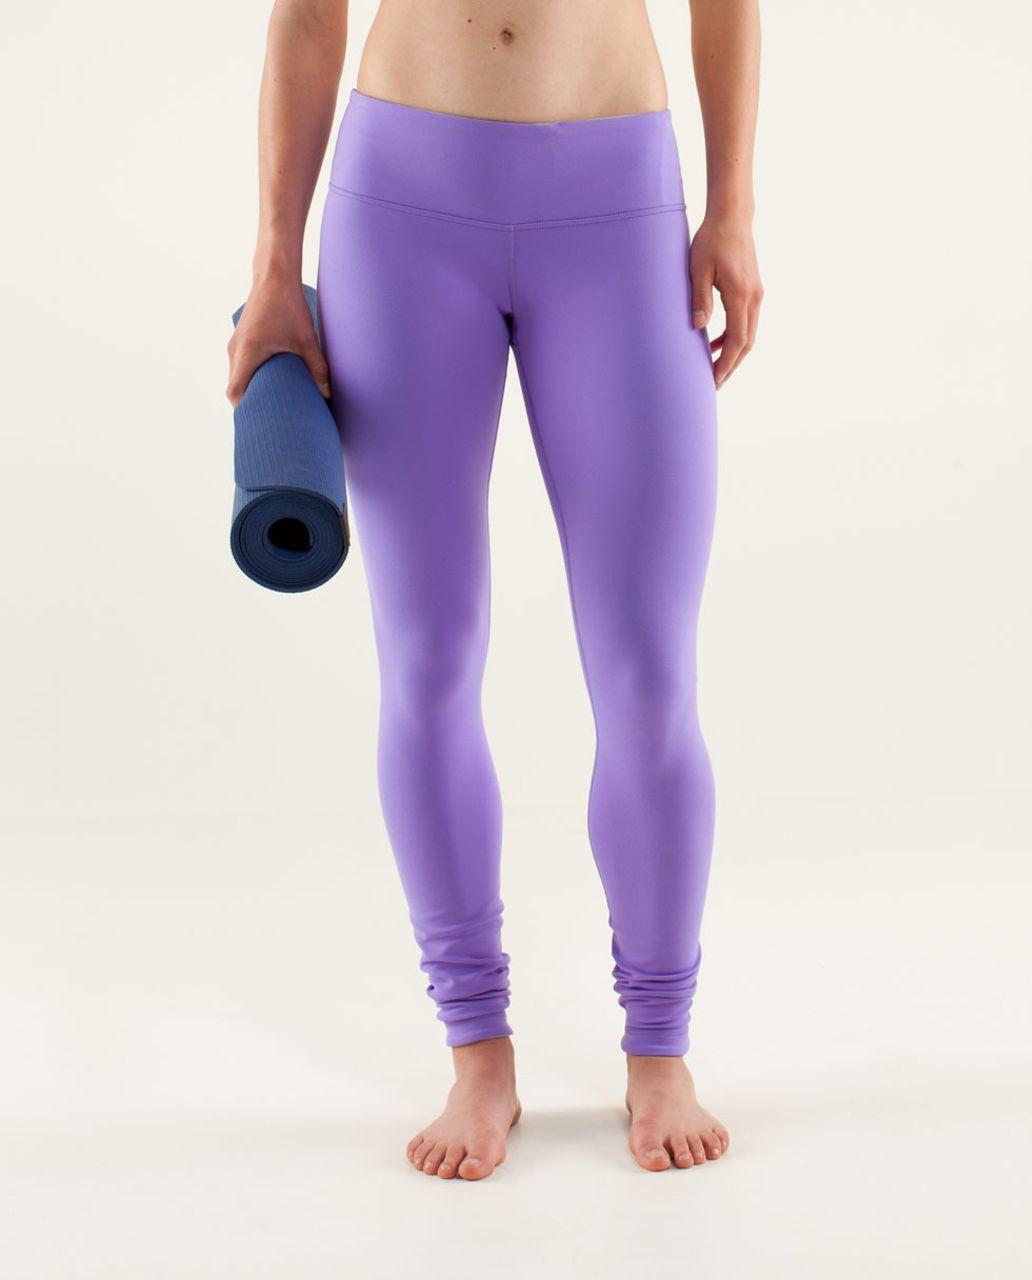 Lululemon Wunder Under Pant *Reversible - Power Purple / Aquamarine